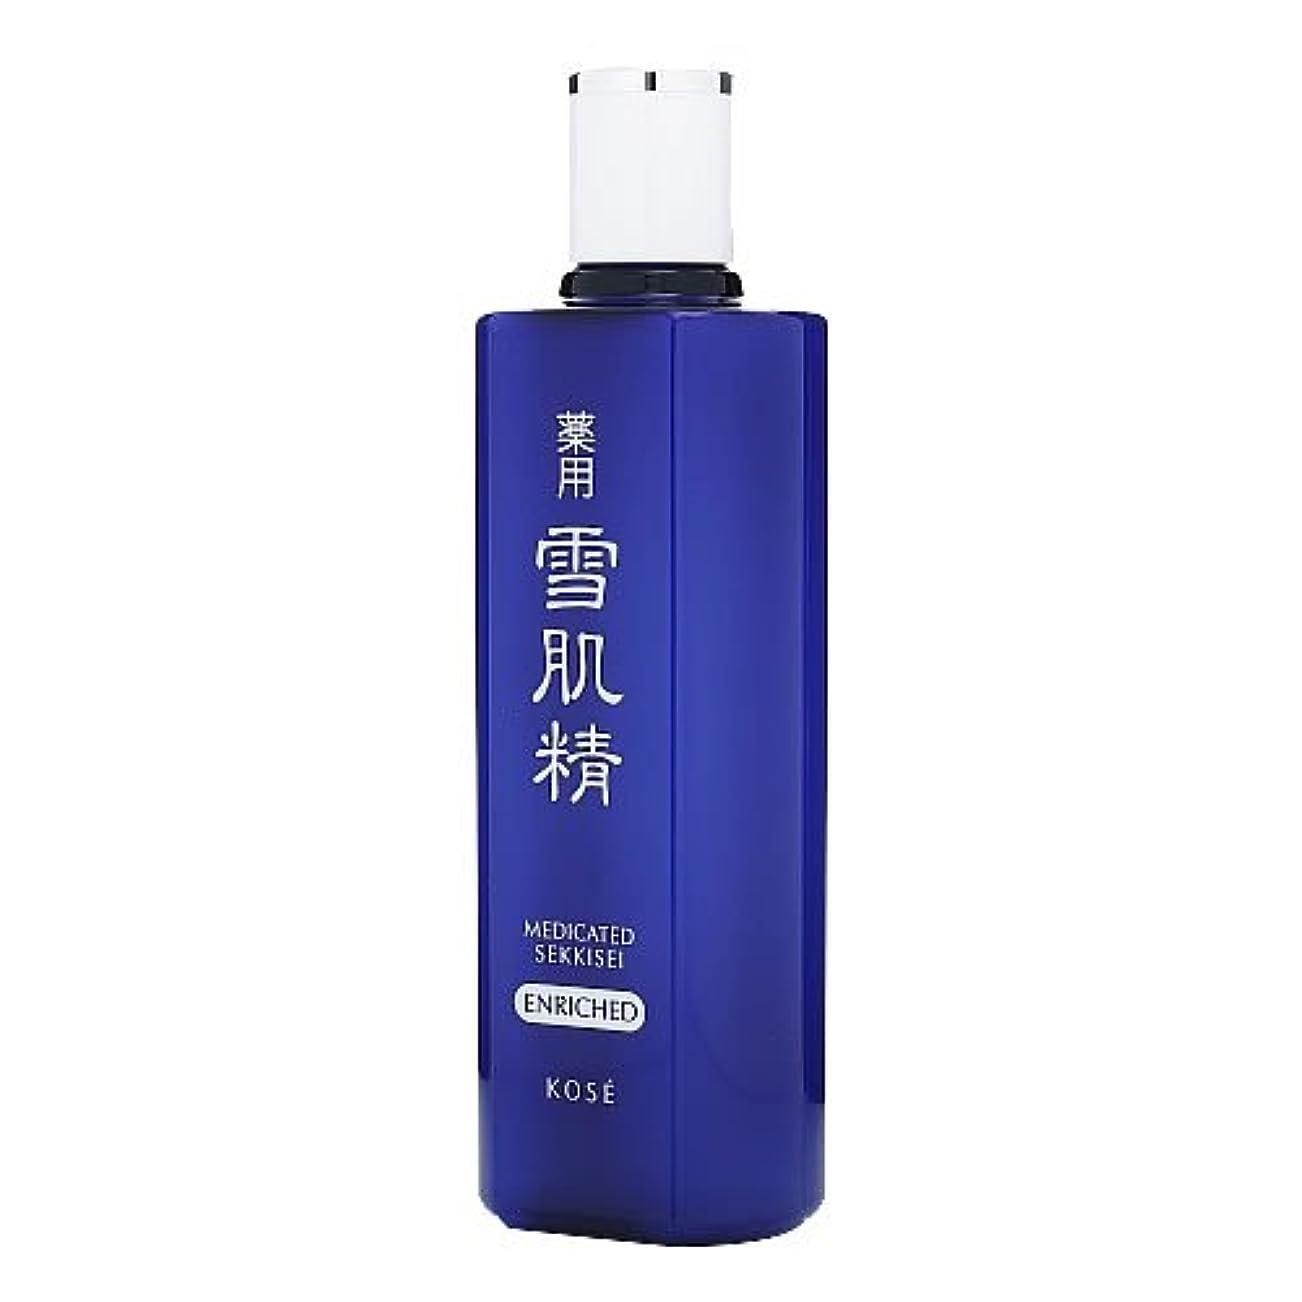 コーセー KOSE 薬用 雪肌精 エンリッチ 360ml [並行輸入品]